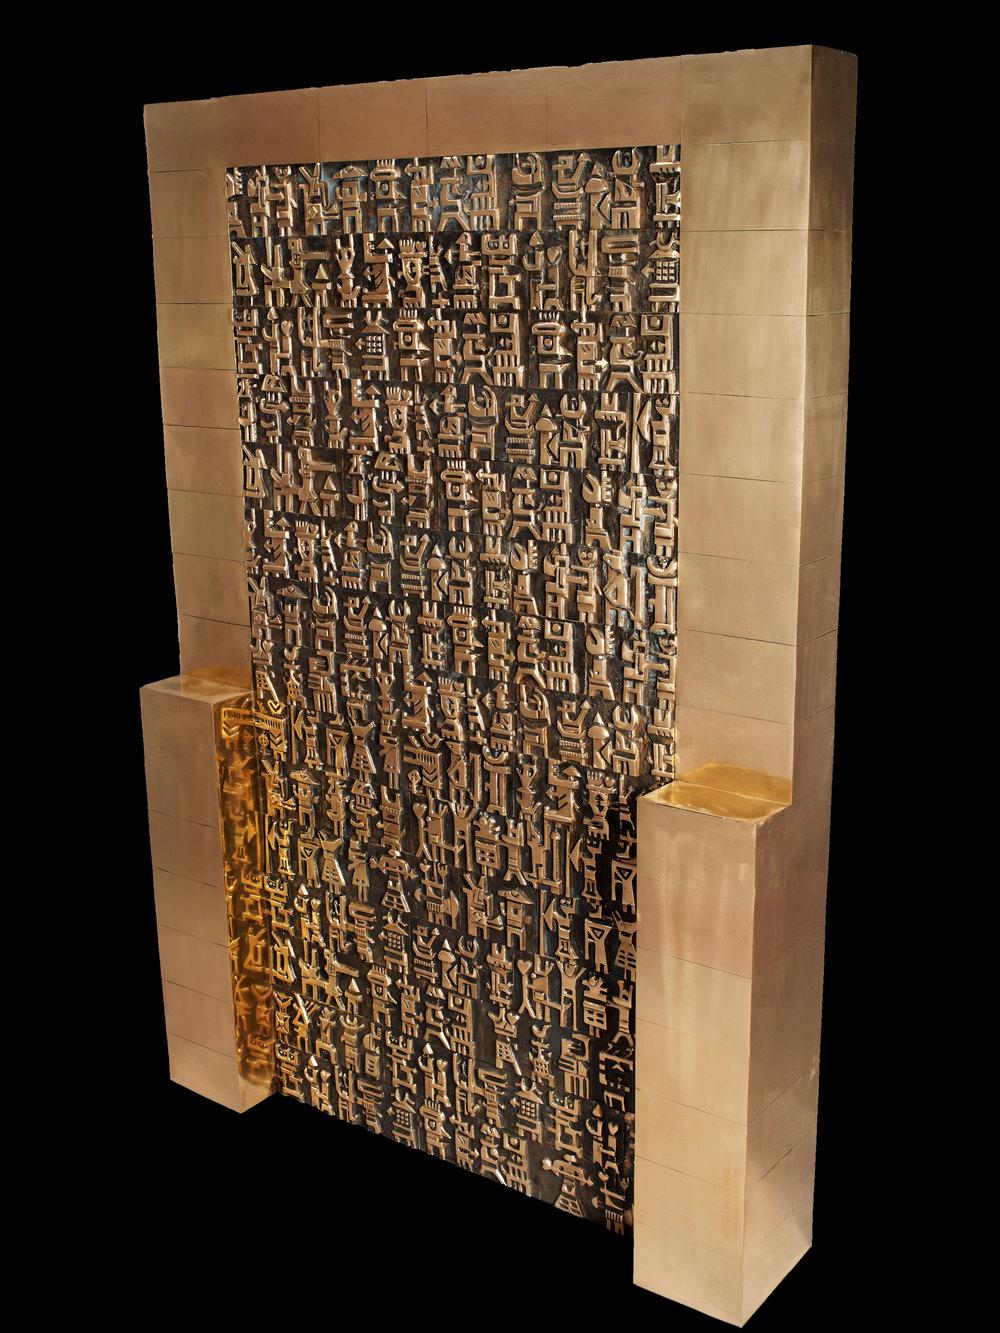 Oh, Persepolis II (1975-2008)